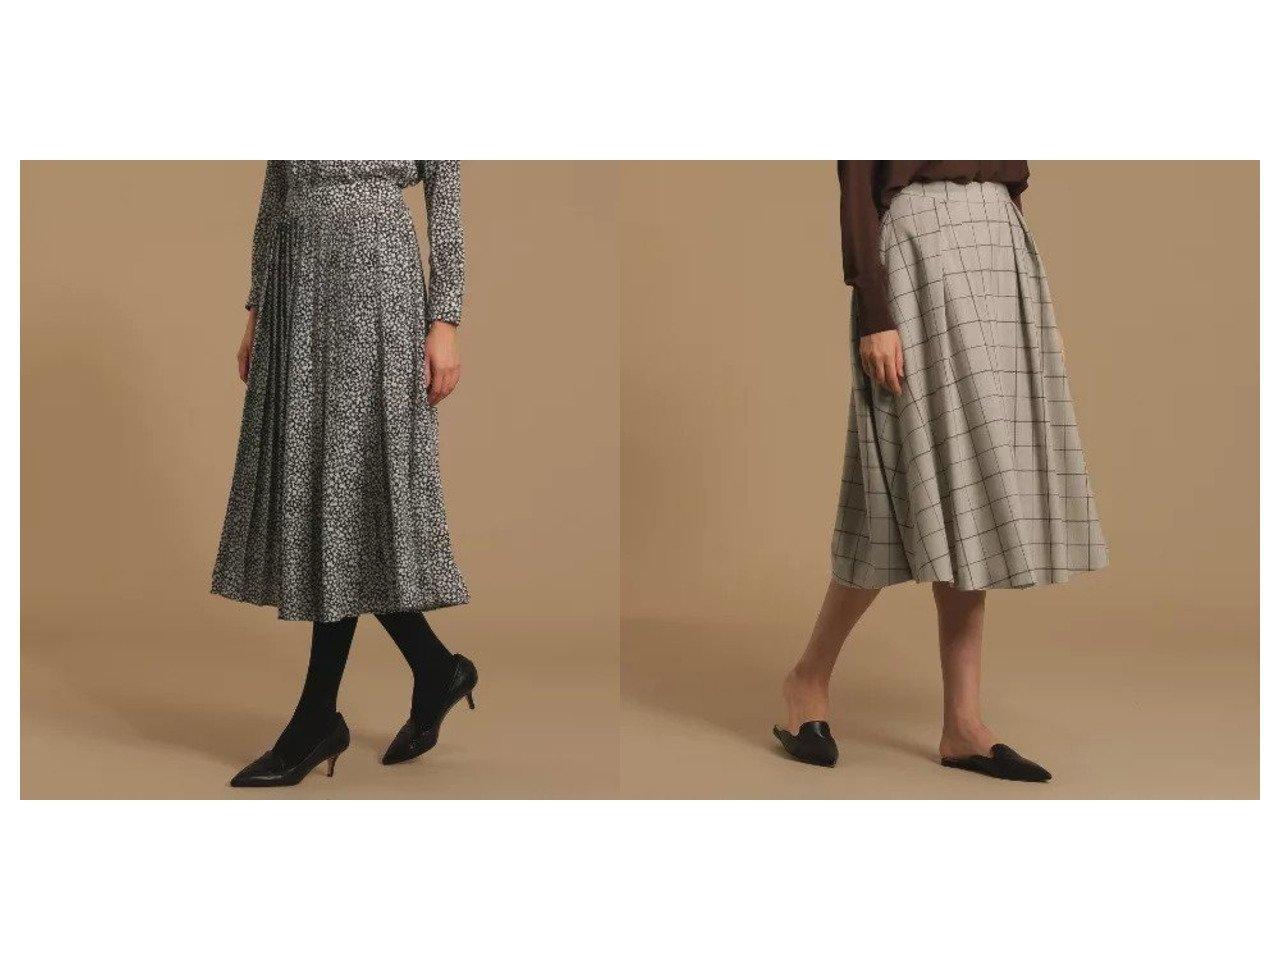 【MACKINTOSH LONDON/マッキントッシュ ロンドン】のウール混フラノウインドウペンタックスカート&ハンドライティングスタープリーツスカート スカートのおすすめ!人気、レディースファッションの通販 おすすめで人気のファッション通販商品 インテリア・家具・キッズファッション・メンズファッション・レディースファッション・服の通販 founy(ファニー) https://founy.com/ ファッション Fashion レディース WOMEN スカート Skirt プリーツスカート Pleated Skirts マキシ ロング  ID:crp329100000002692